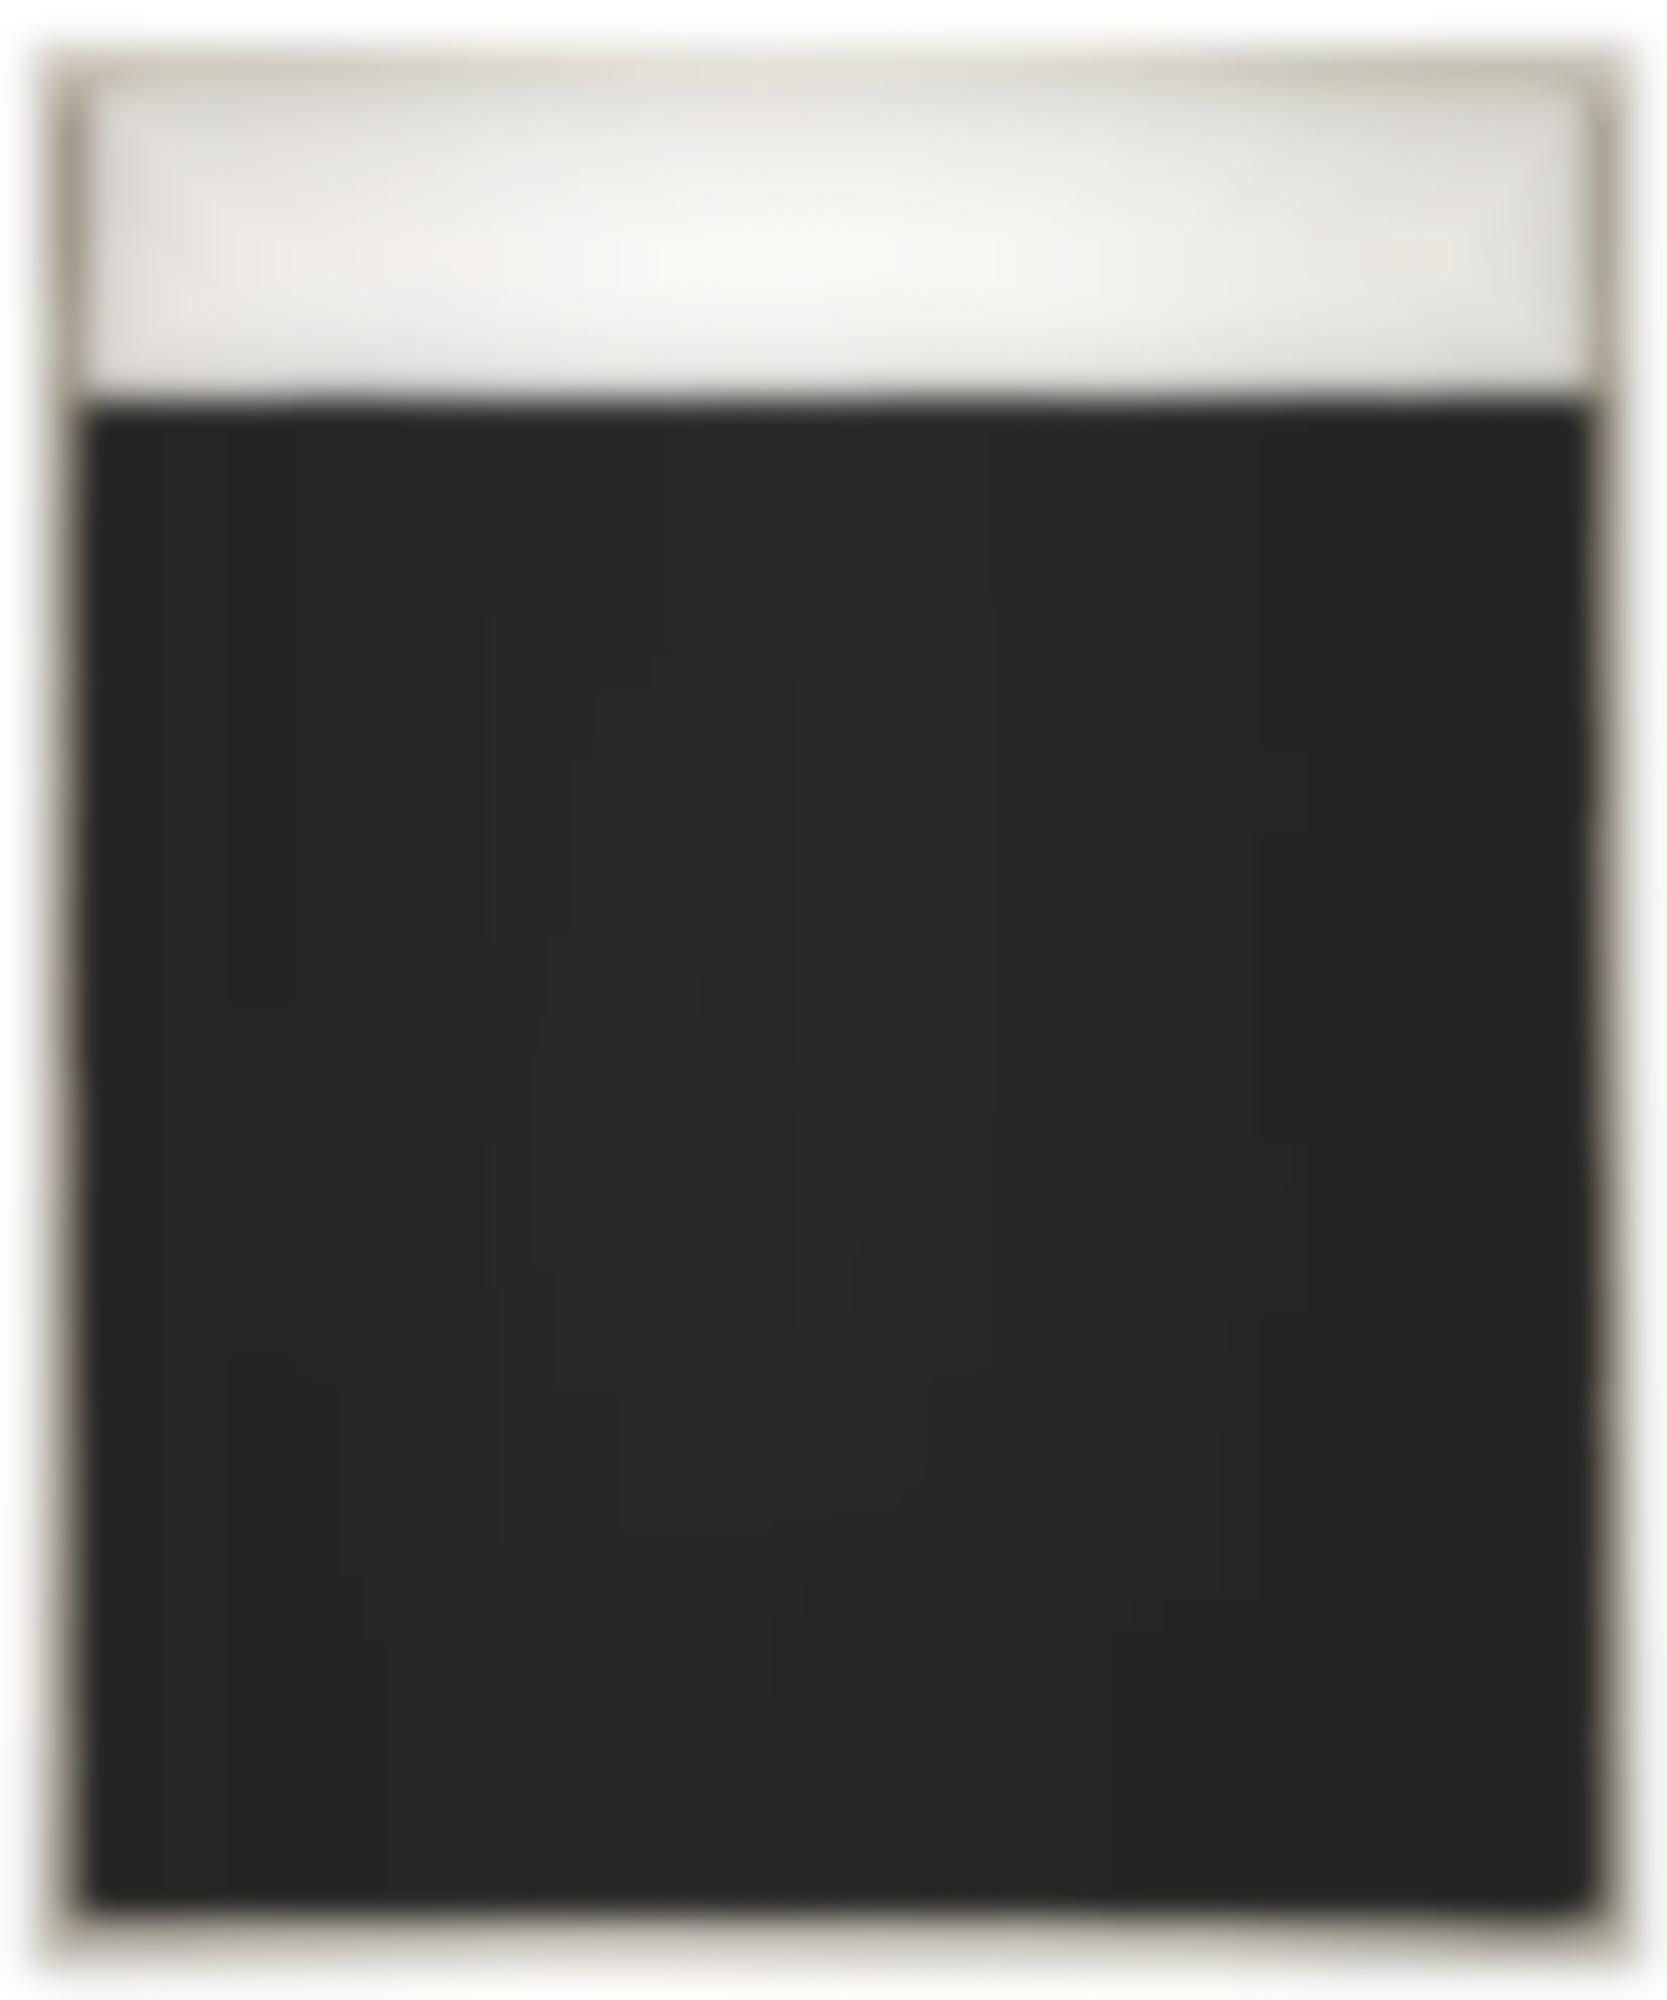 Richard Serra-Elevational Weights, Vertical-2010